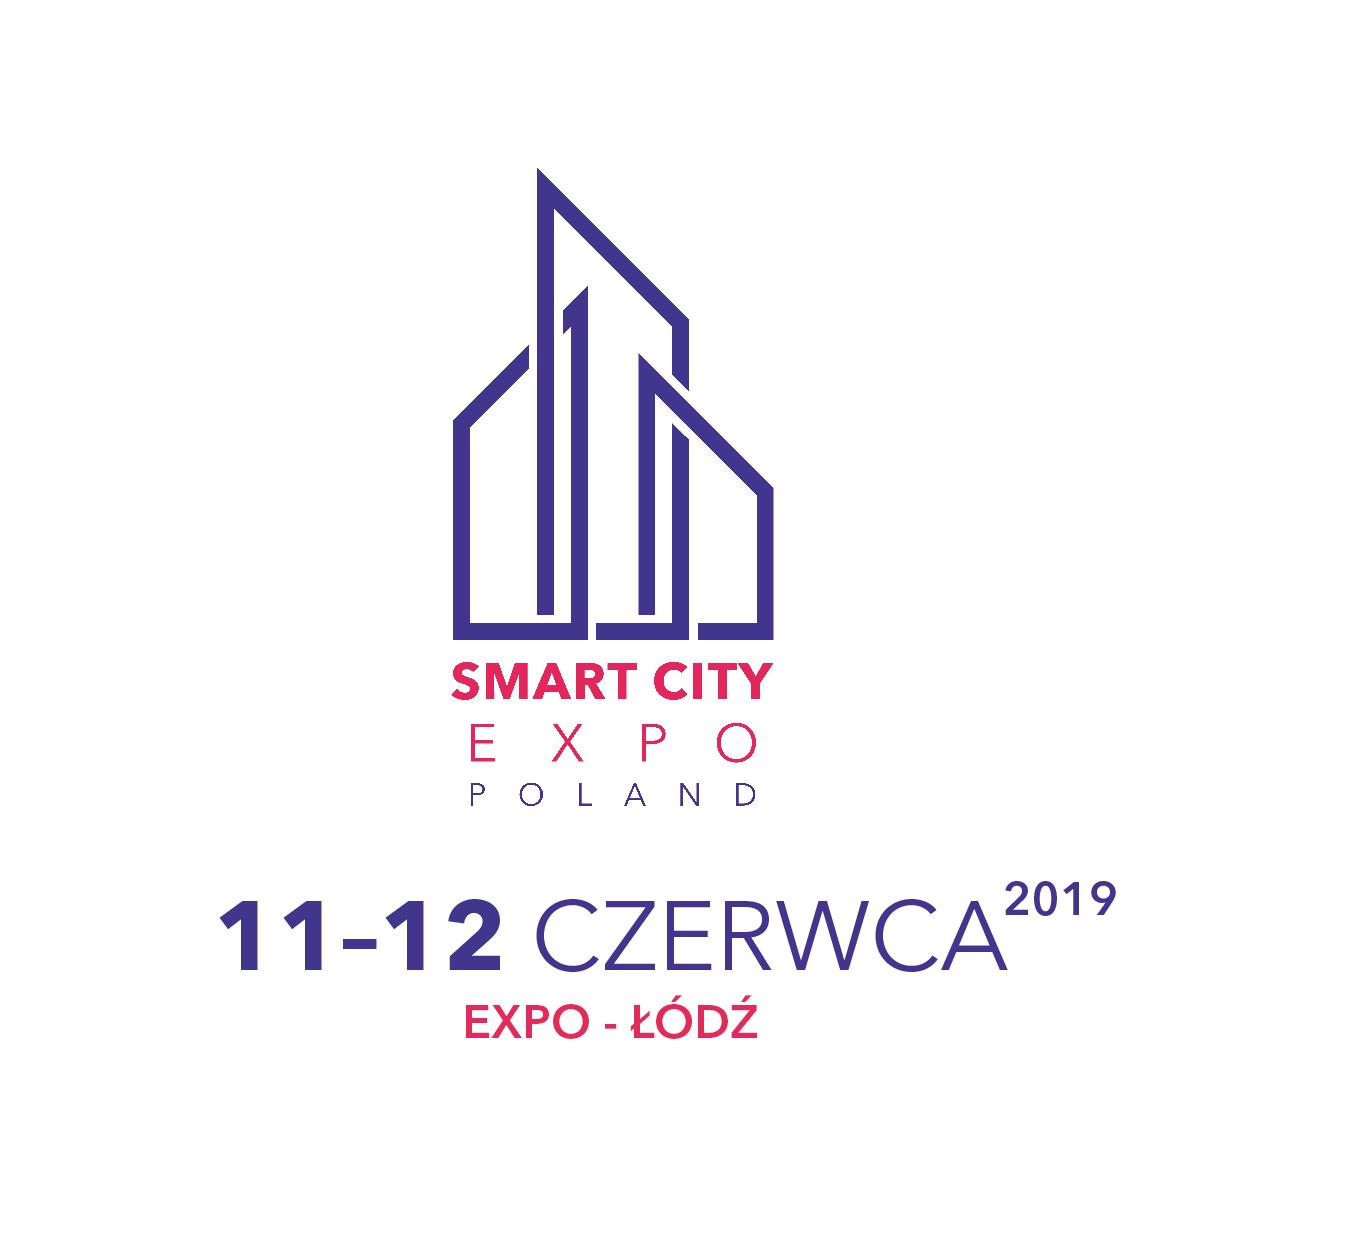 SMART CITY EXPO POLAND 2019 – TARGI NOWOCZESNYCH TECHNOLOGII MIEJSKICH